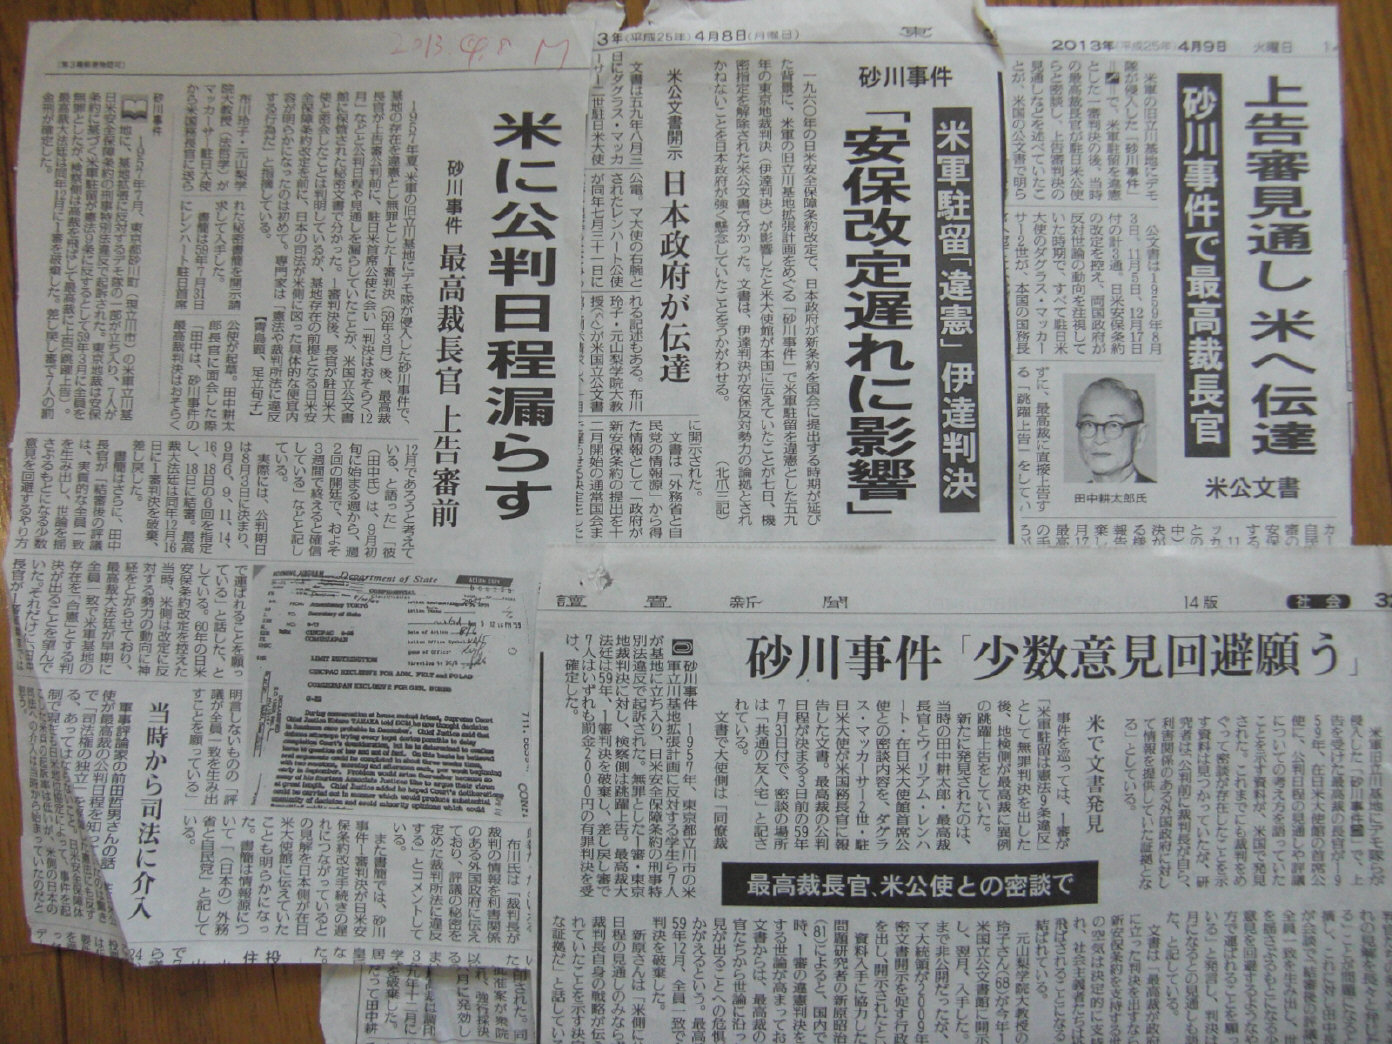 各紙も『朝日新聞』を除き、8日付で一斉に書いた(『朝日』のみ、なぜか9... 砂川事件最高裁判決